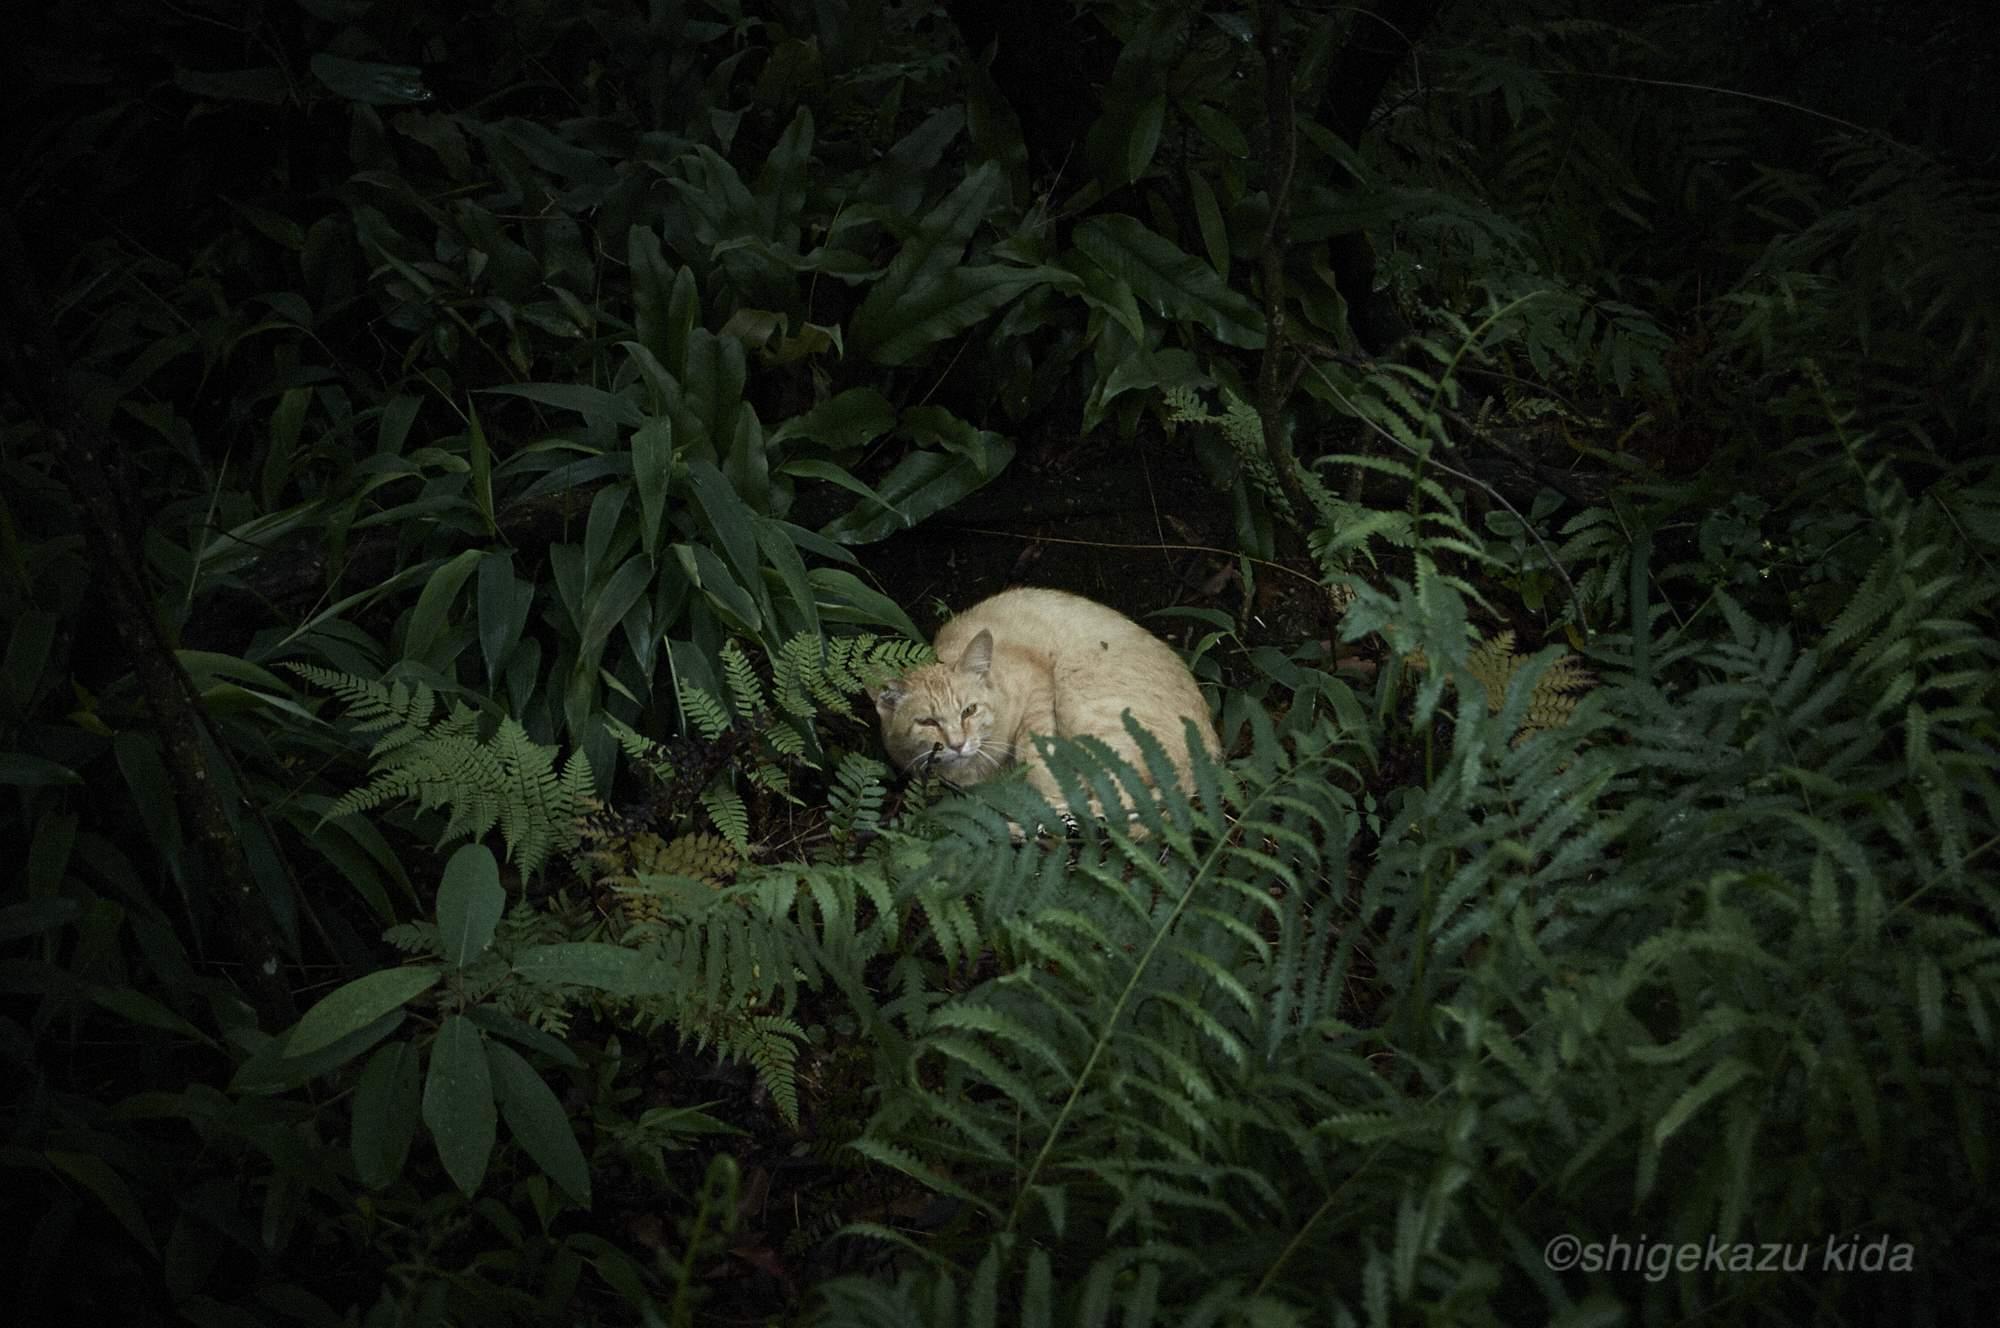 貴田茂和 shigekazu kida 熊野古道の猫